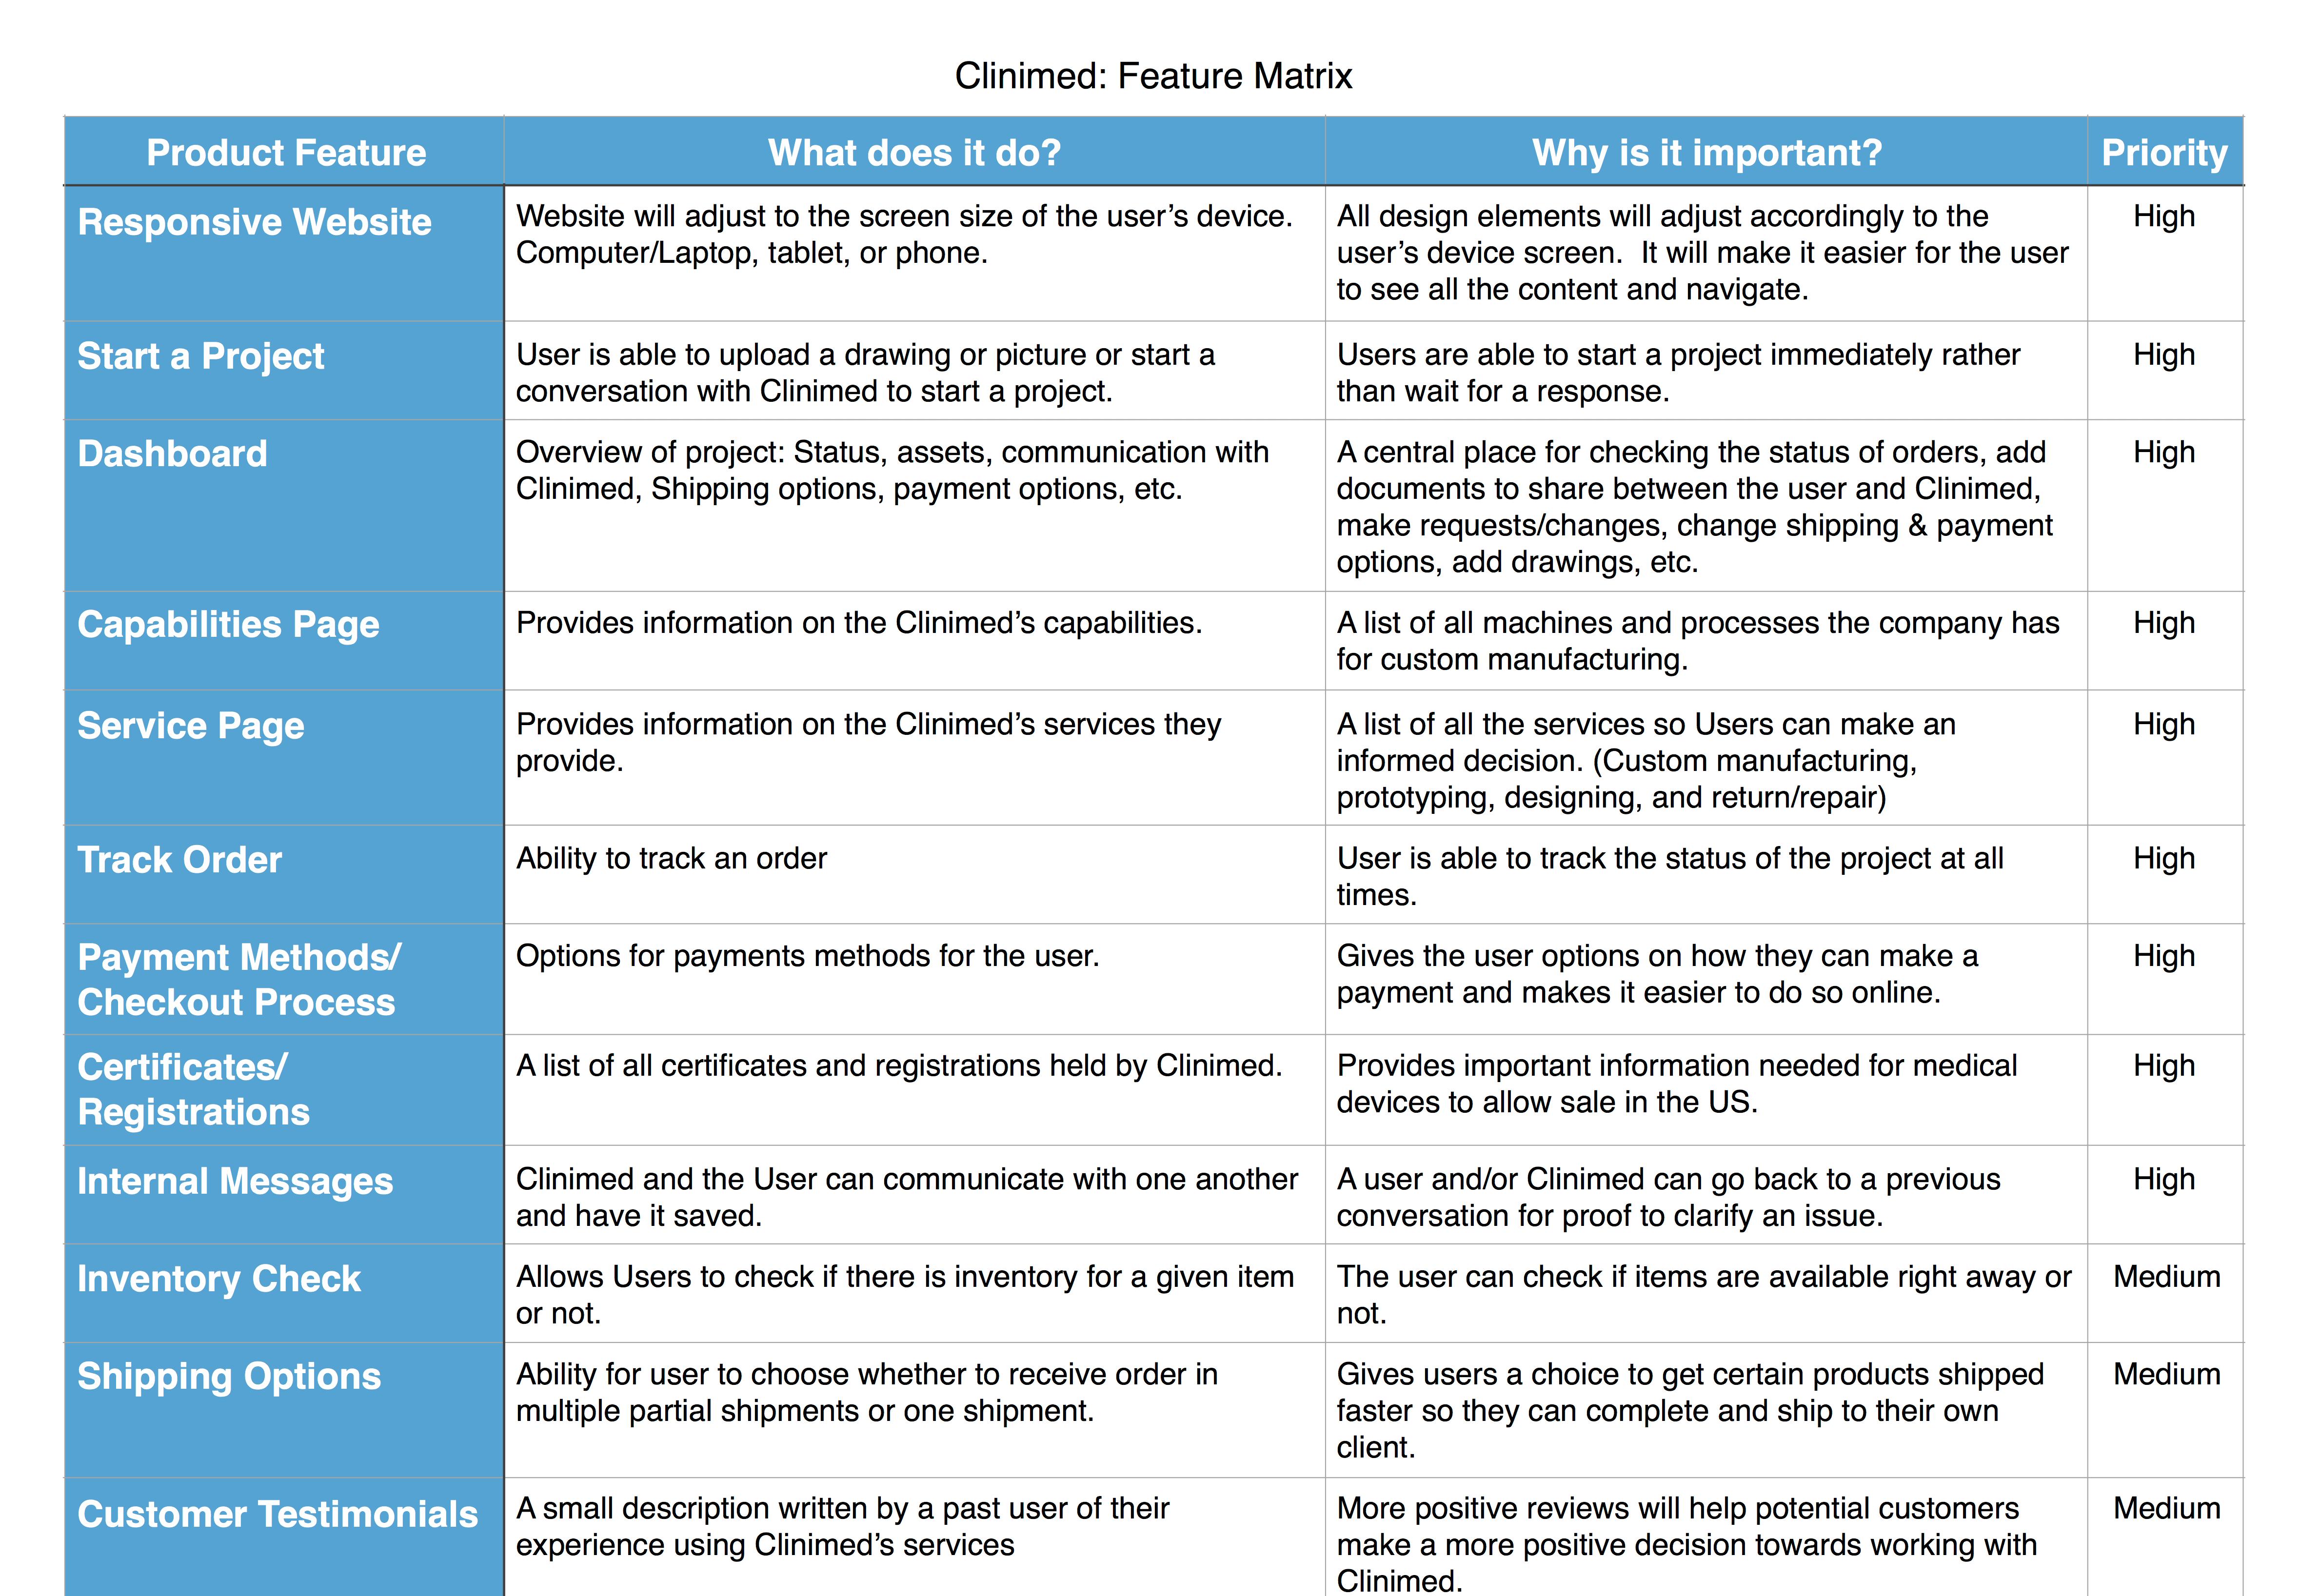 Clinimed Feature Matrix-Sheet 1